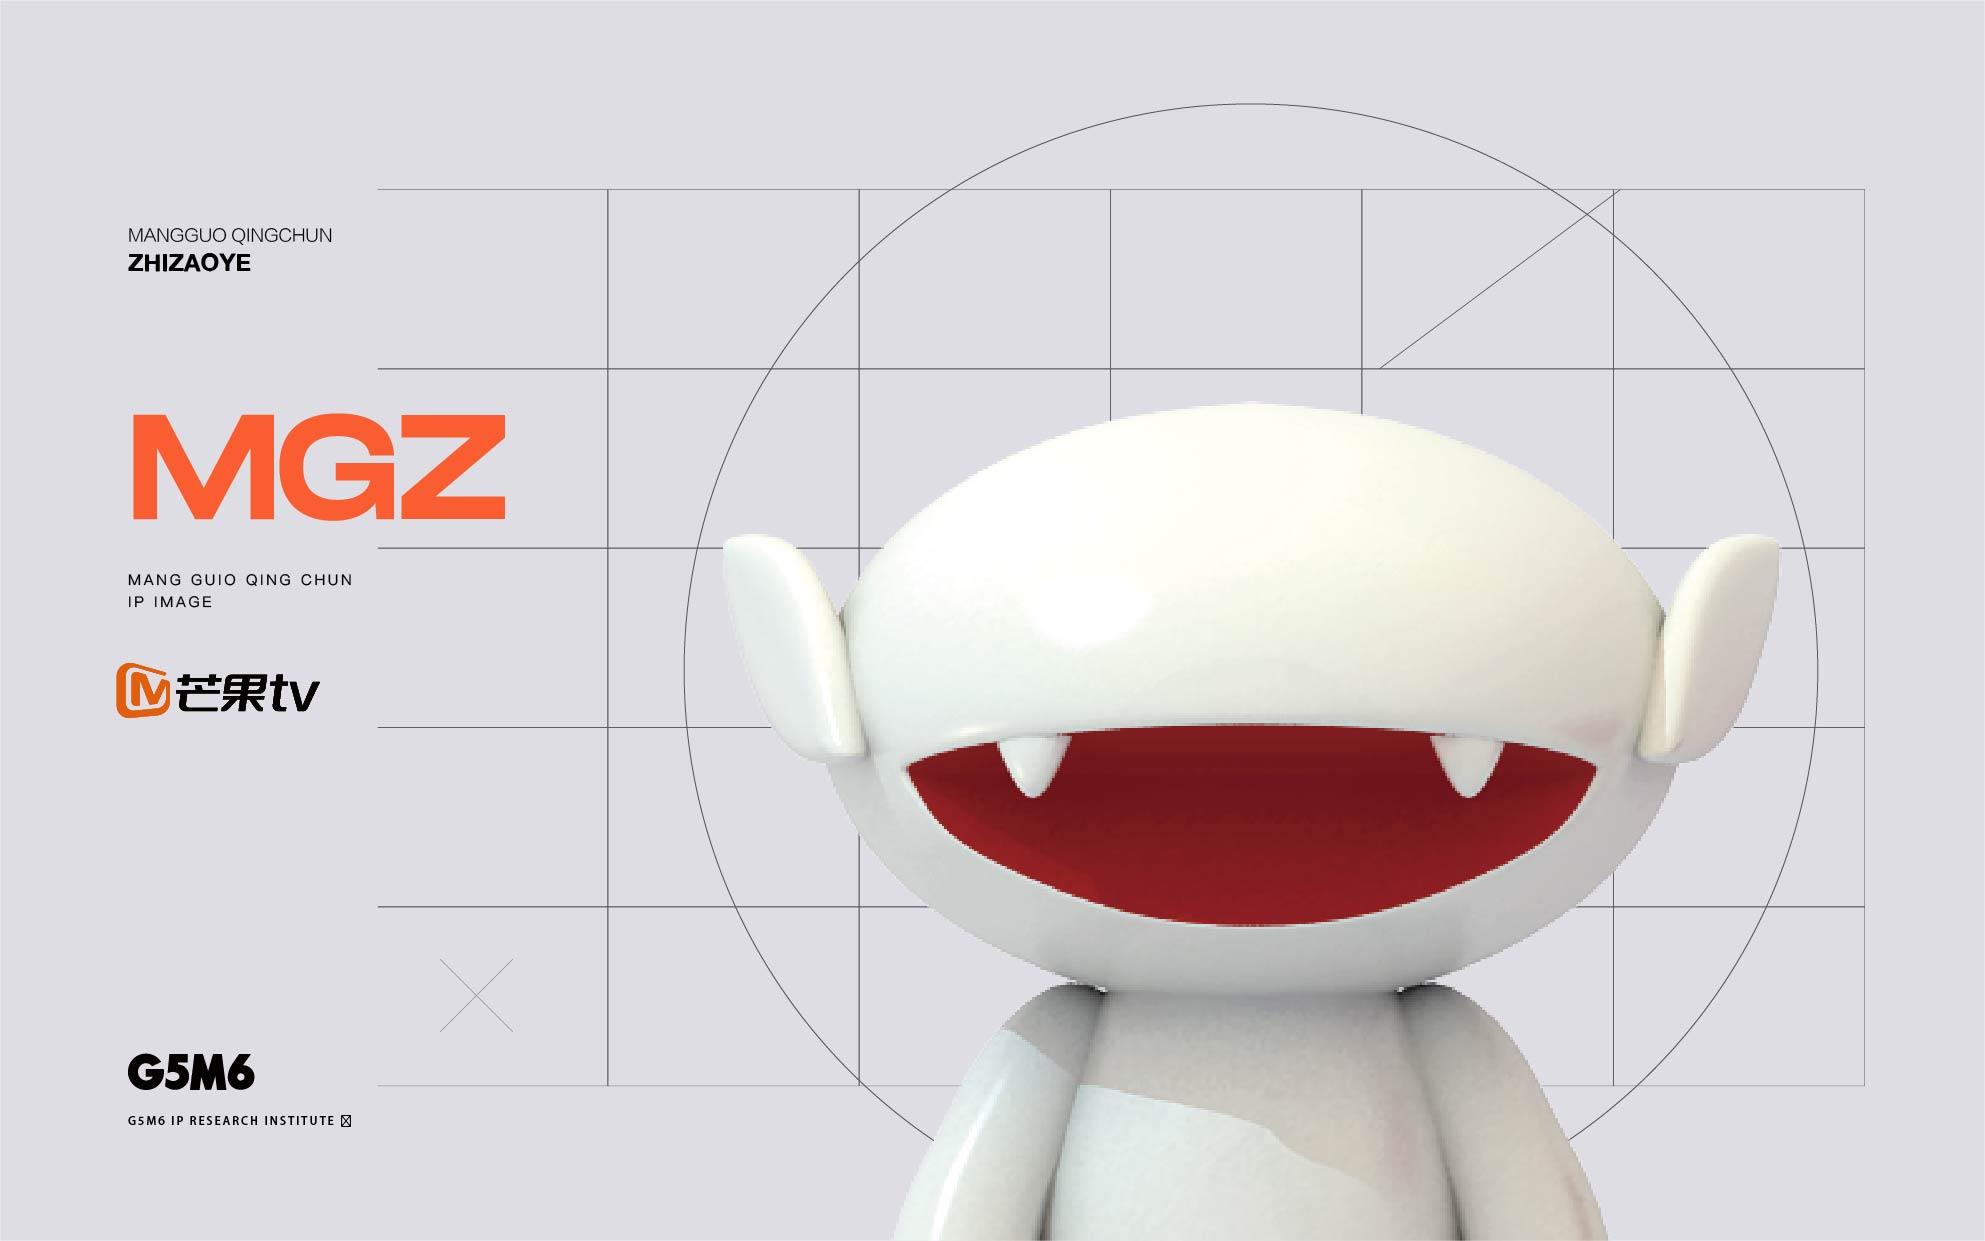 芒果TV吉祥物——芒果仔诞生记_电商运营人员,电商网站运营方案